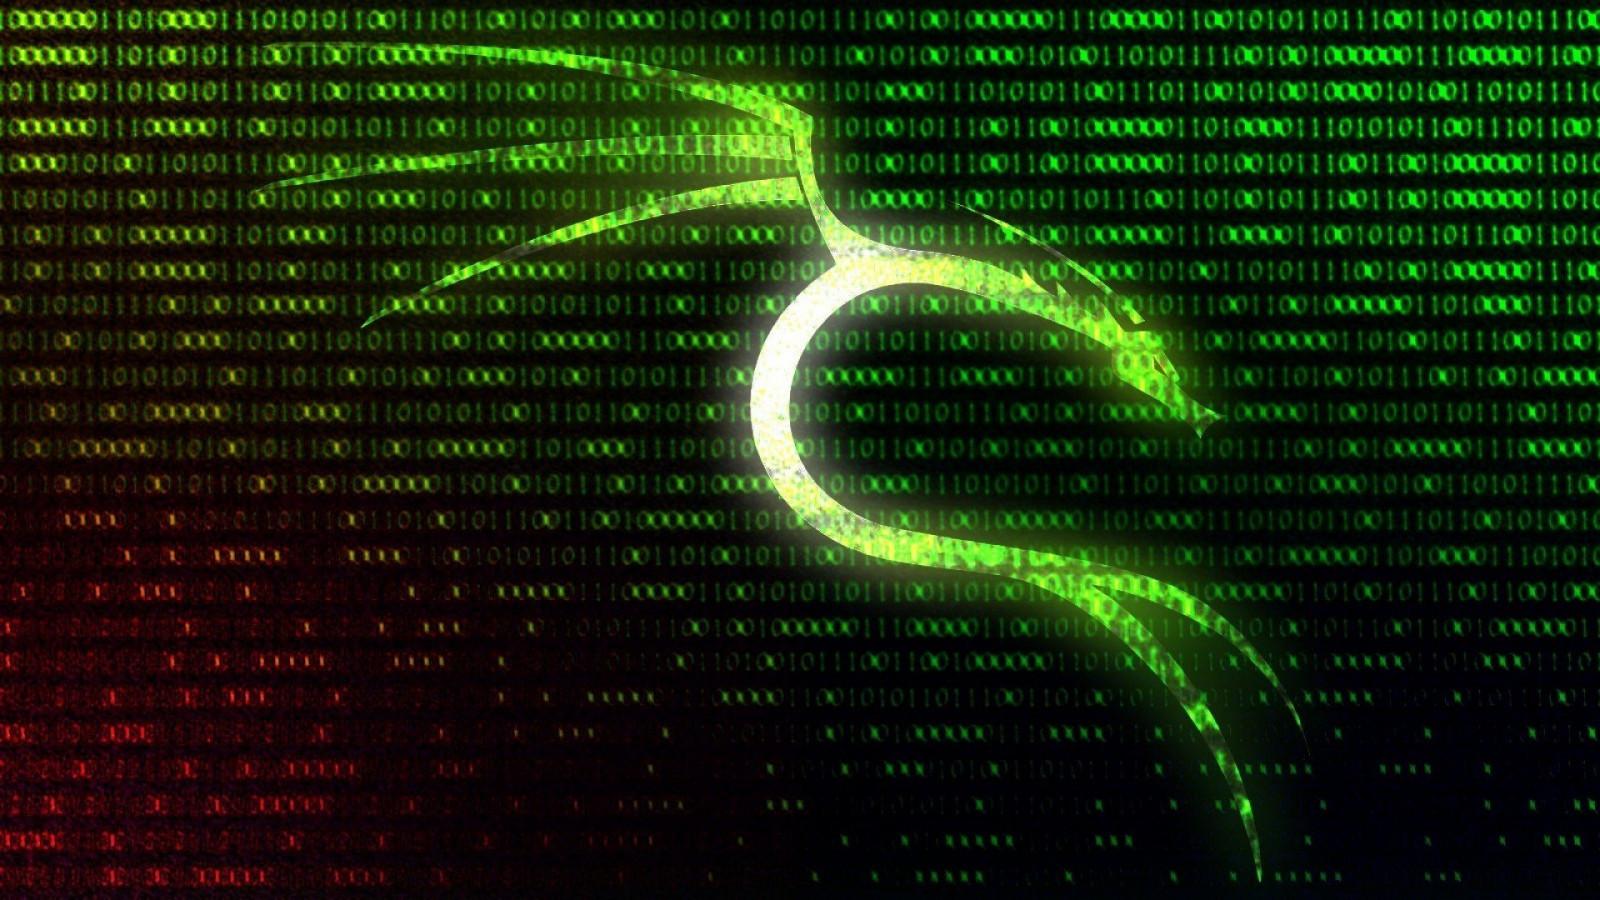 <b>Télécharger</b> <b>Kali</b> <b>Linux</b> <b>Iso</b> - Δημοτικο Σχολειο Βαγιονιας